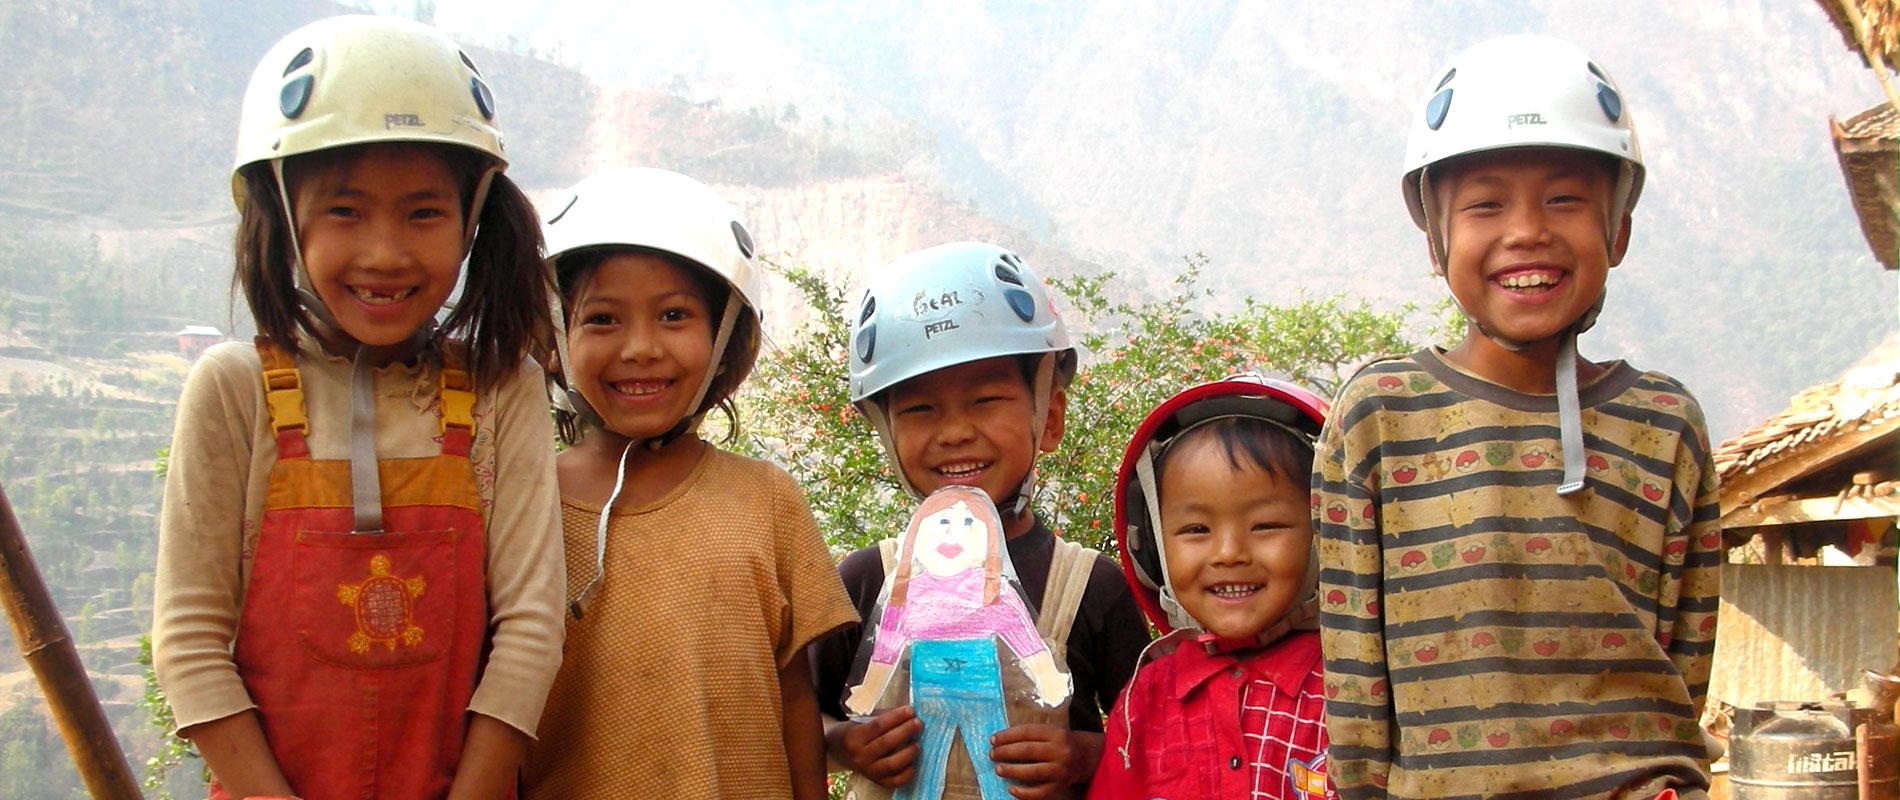 Ecoliers et écolières scolarisés grâce à Himalpyramis